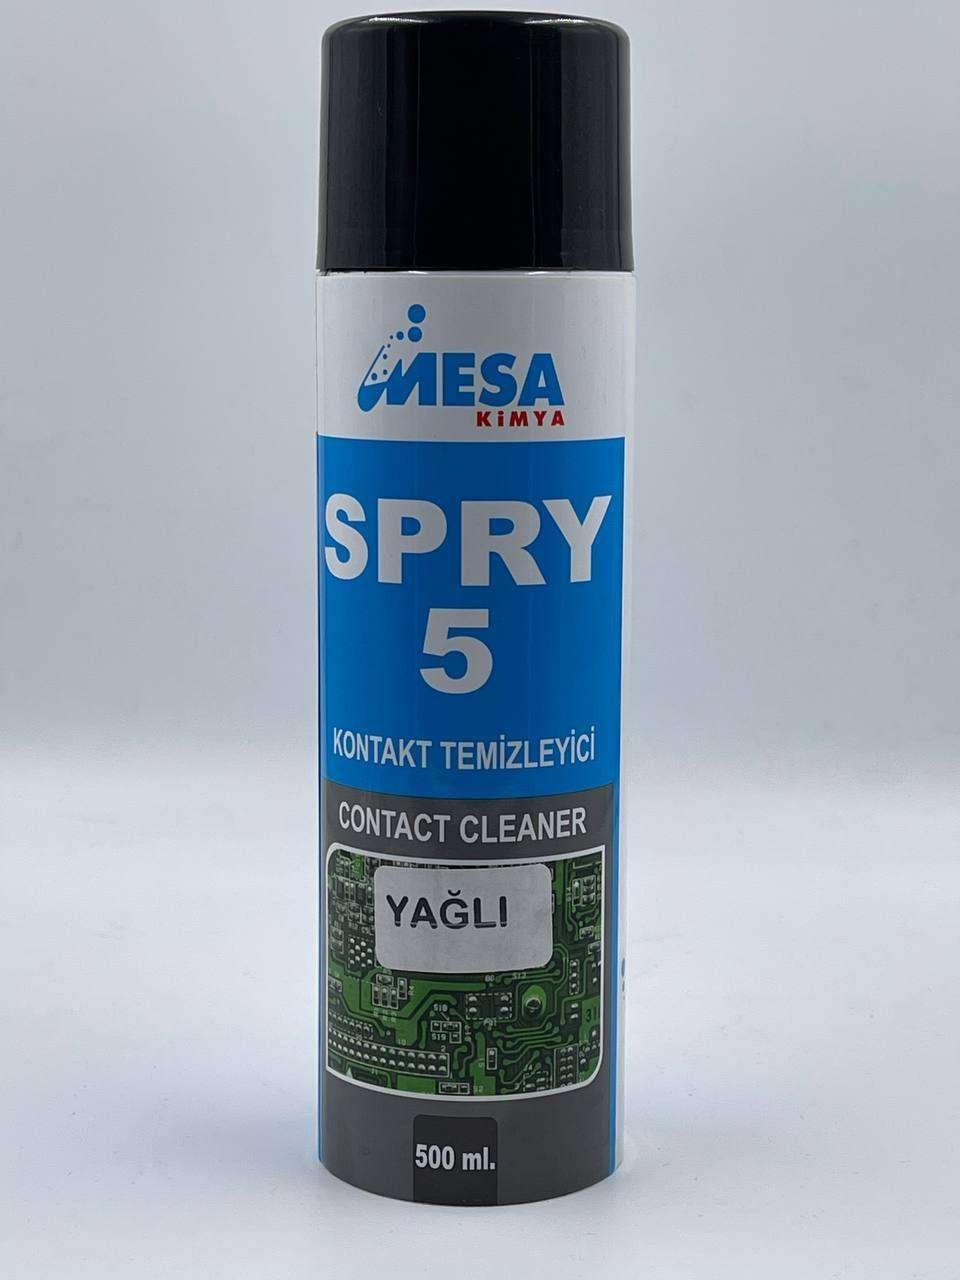 kontak temizleyici sprey yağlı spry5 500 ml fiyatları